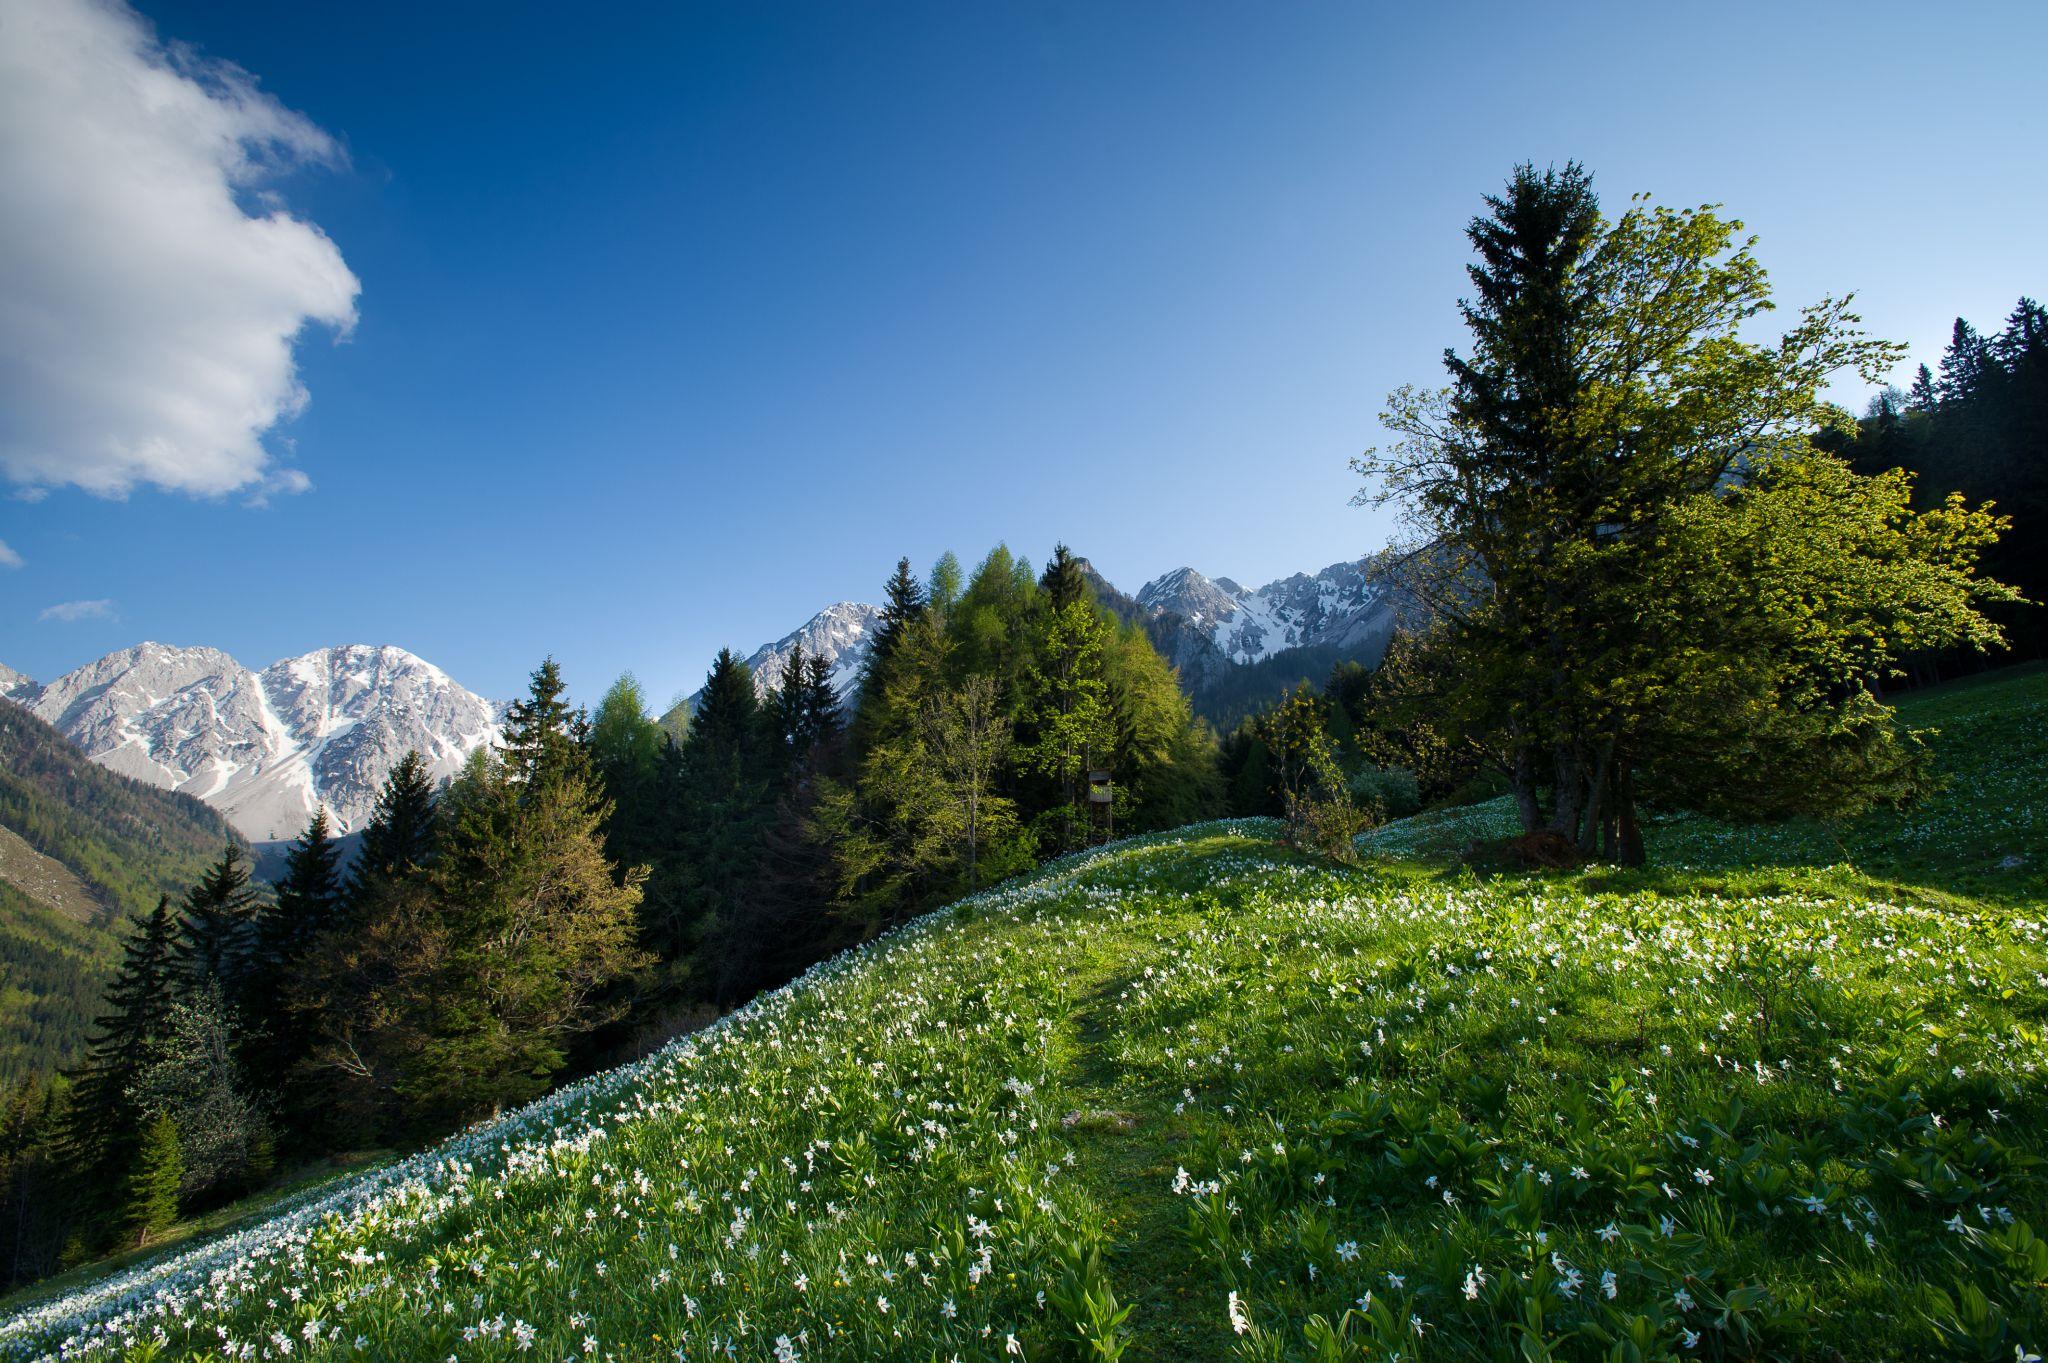 Narzissenwiese, © Carnica-Region Rosental, Franz Gerdl